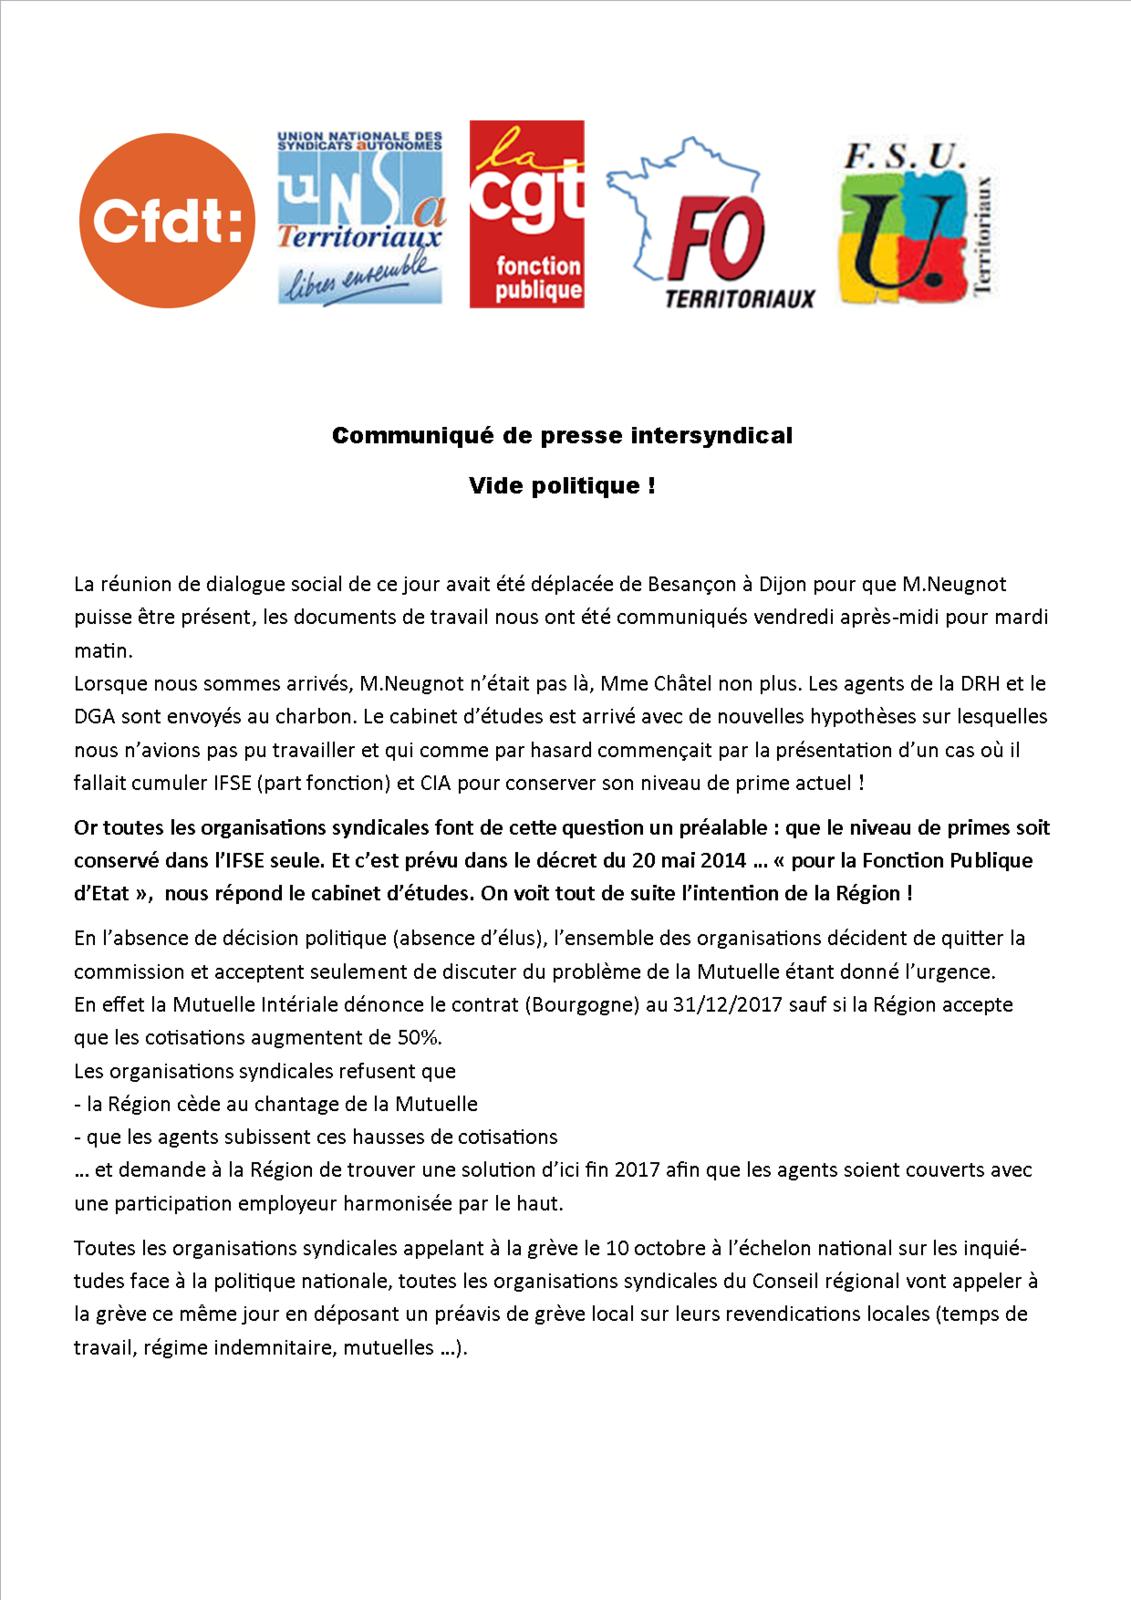 Déclaration intersyndicale puis communiqué de presse